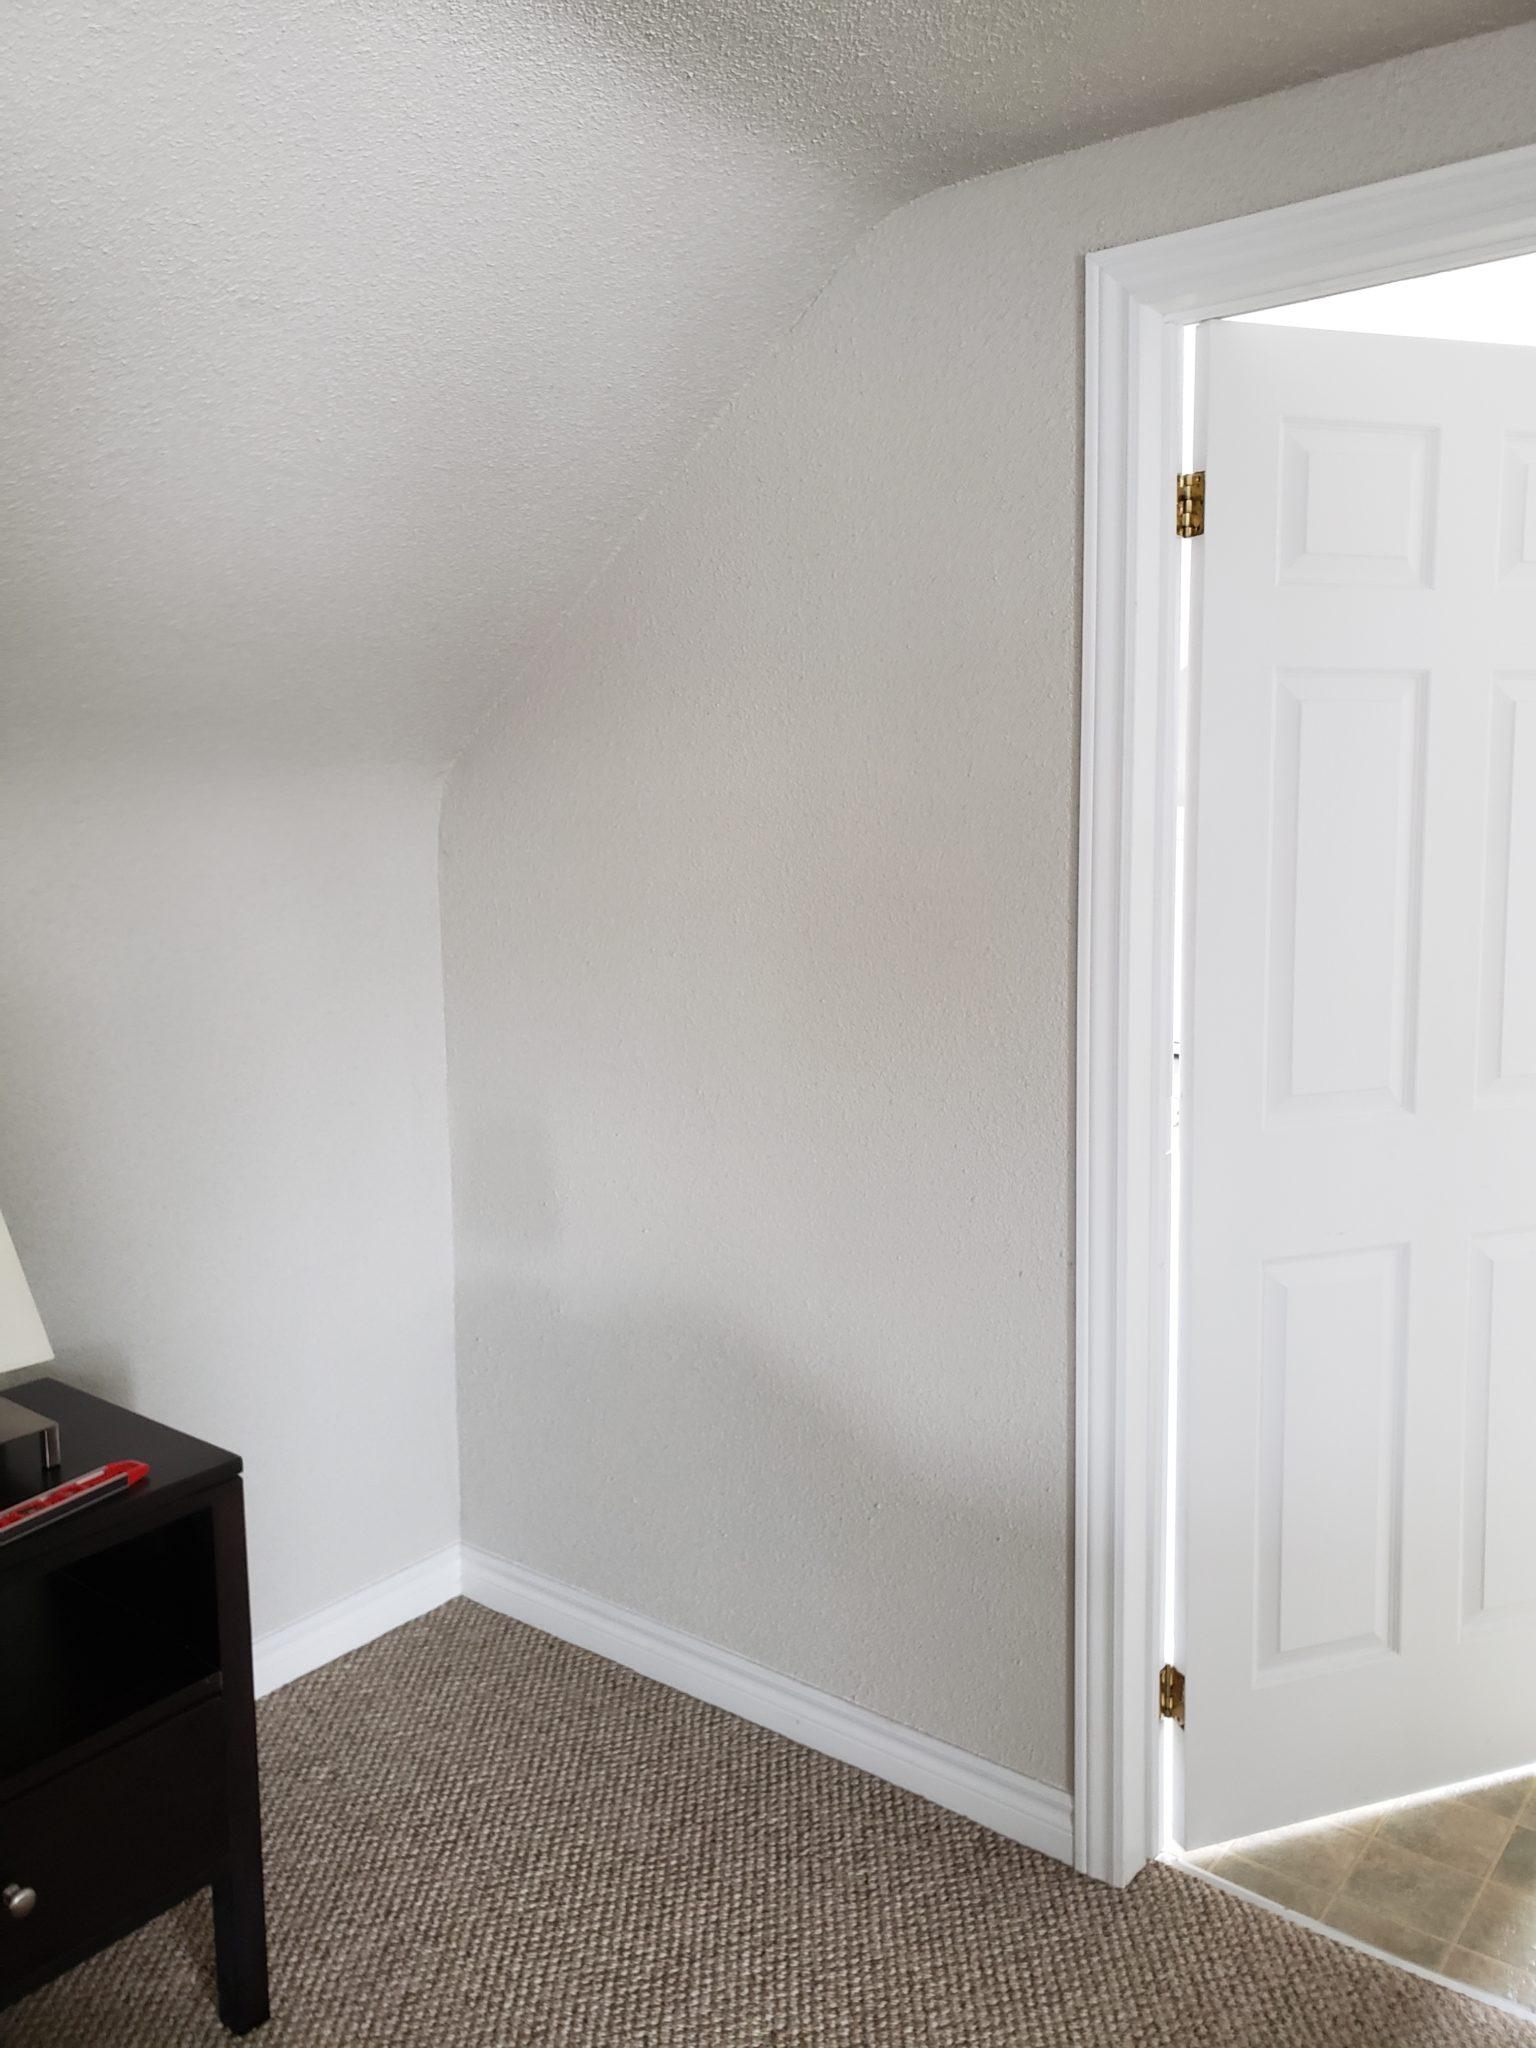 Bedroom area - Before